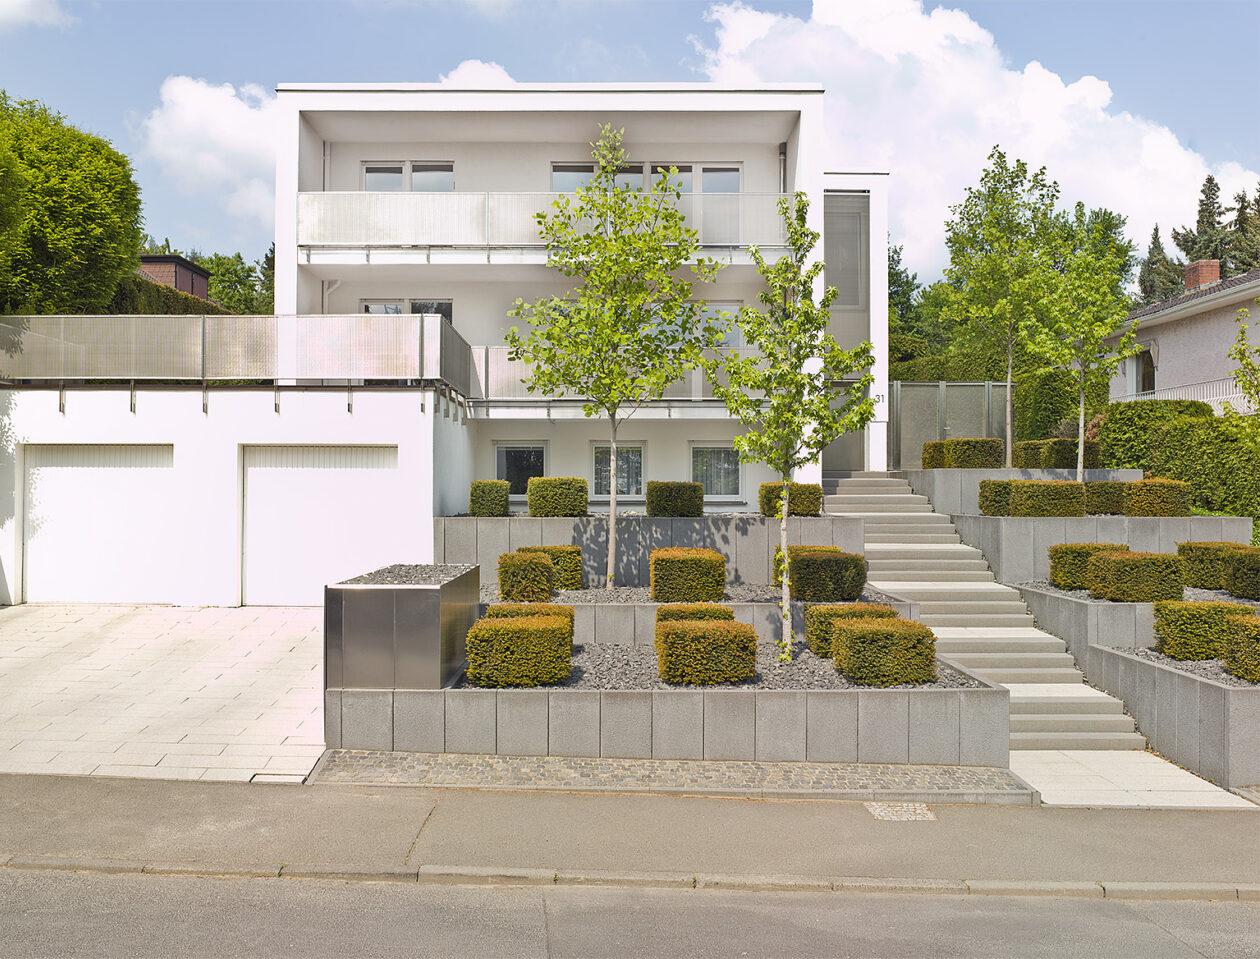 Haus N Wiesbaden 2 1